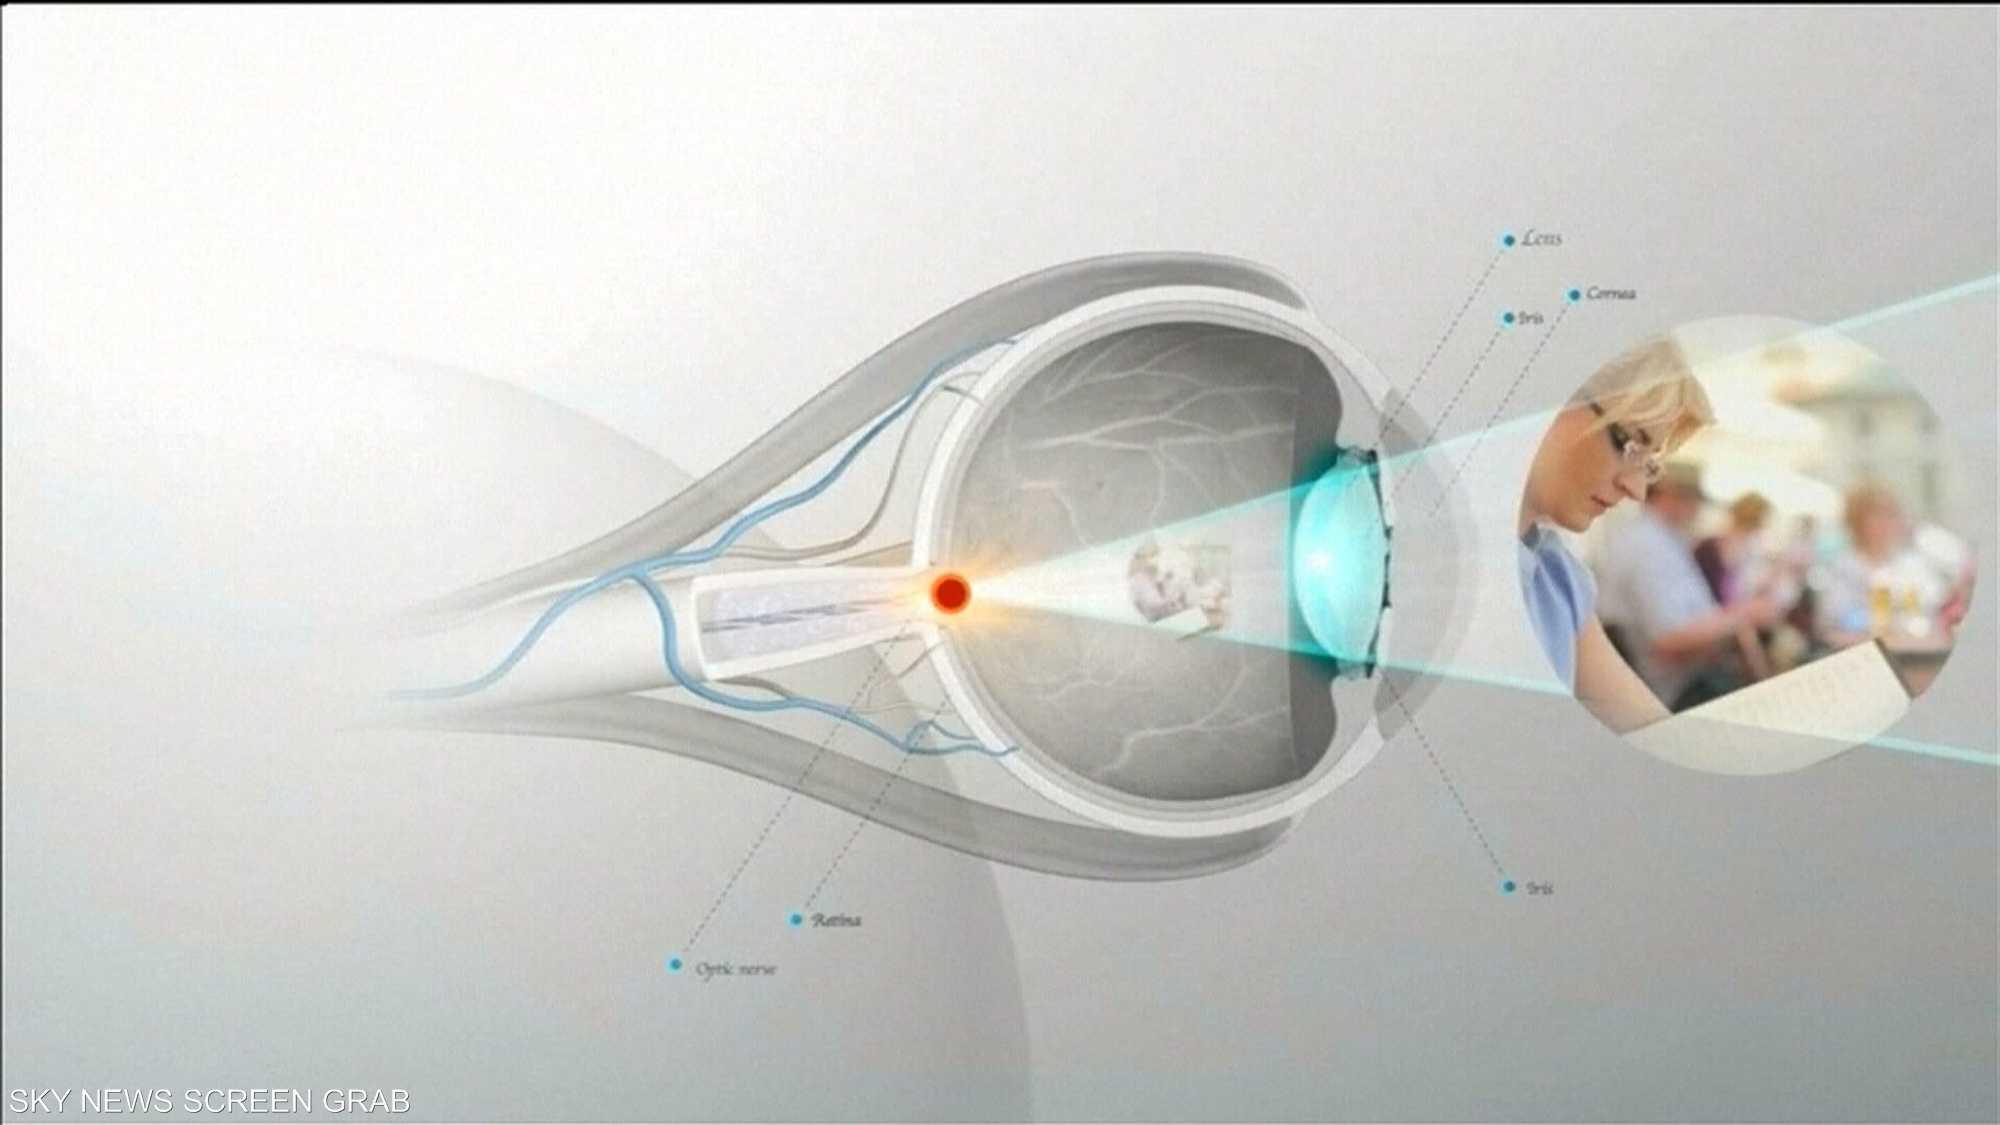 دراسة: ارتباط كبير بين فقدان البصر وتلوث الهواء